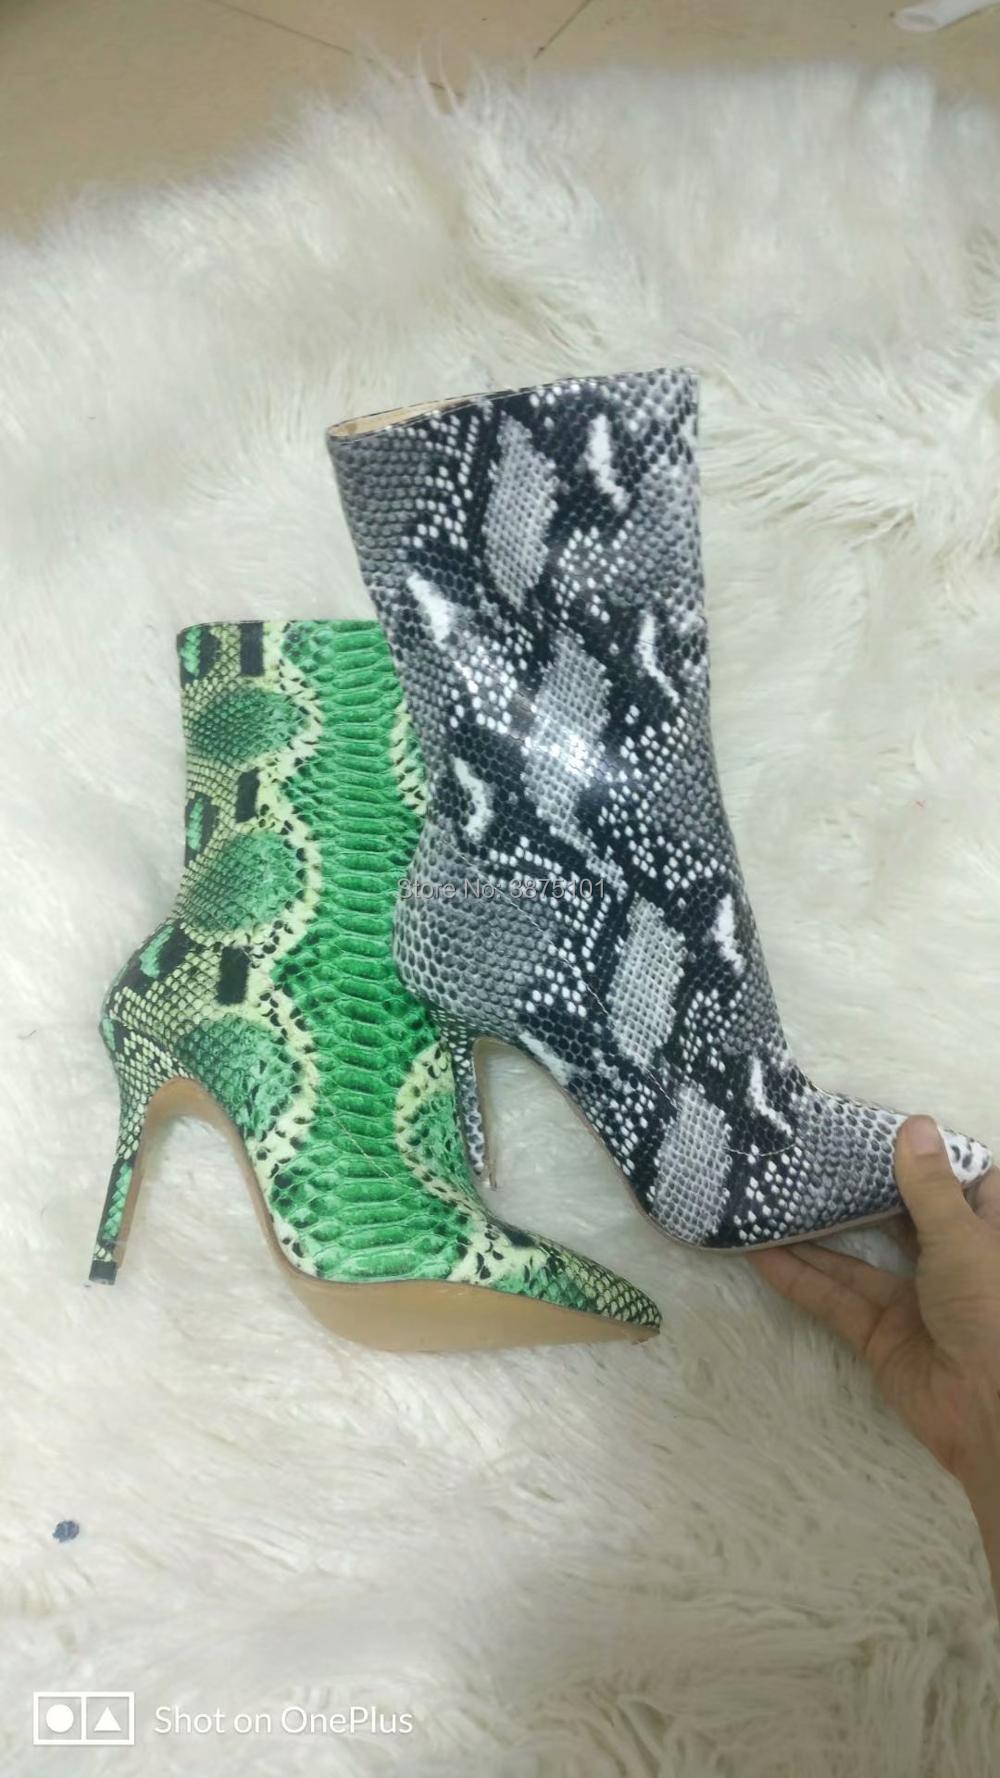 À Talons Cheville Usine Vraie Hauts Chaussures Bootie Femmes Courte Pointu Bout Image Printemps Motif Automne Serpent Botte 77SxRqn4PW